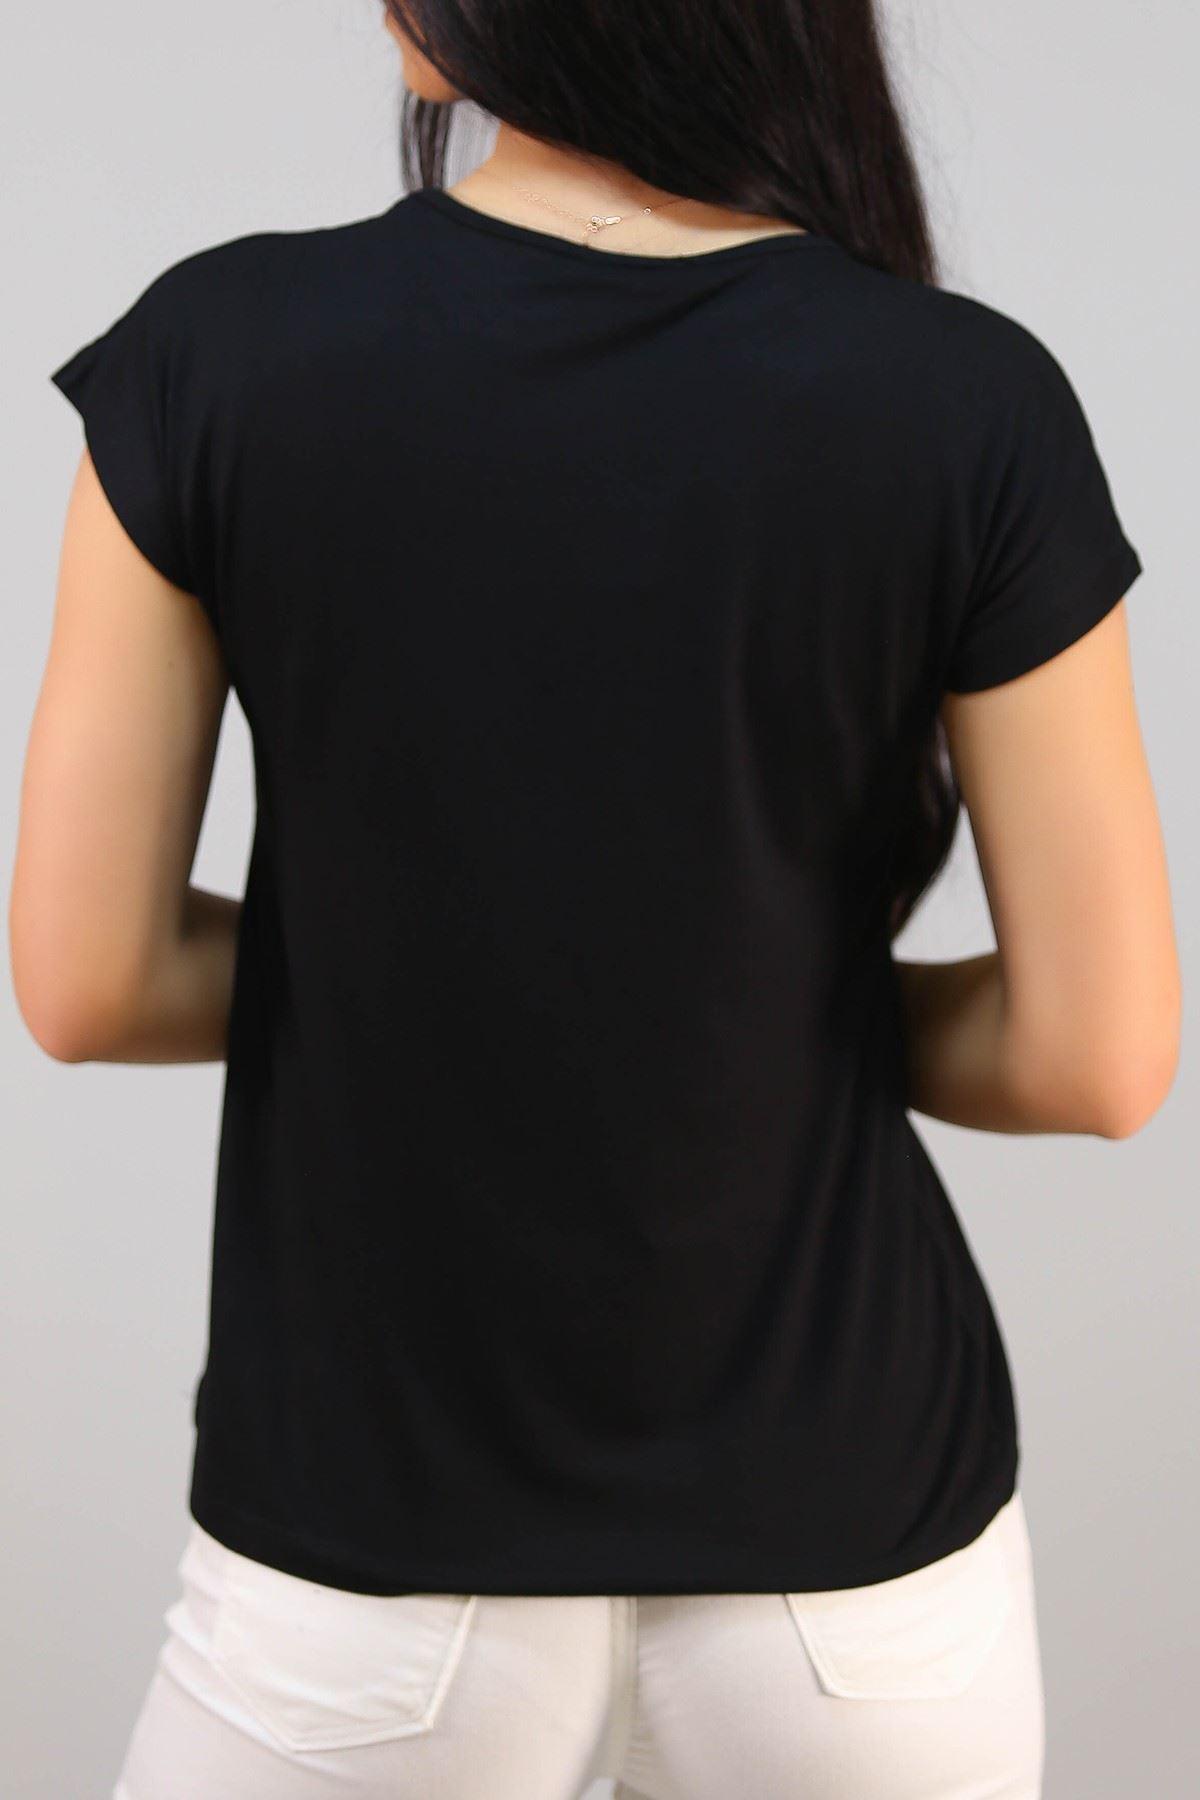 Quenn Baskı Tişört Siyah - 5052.139.